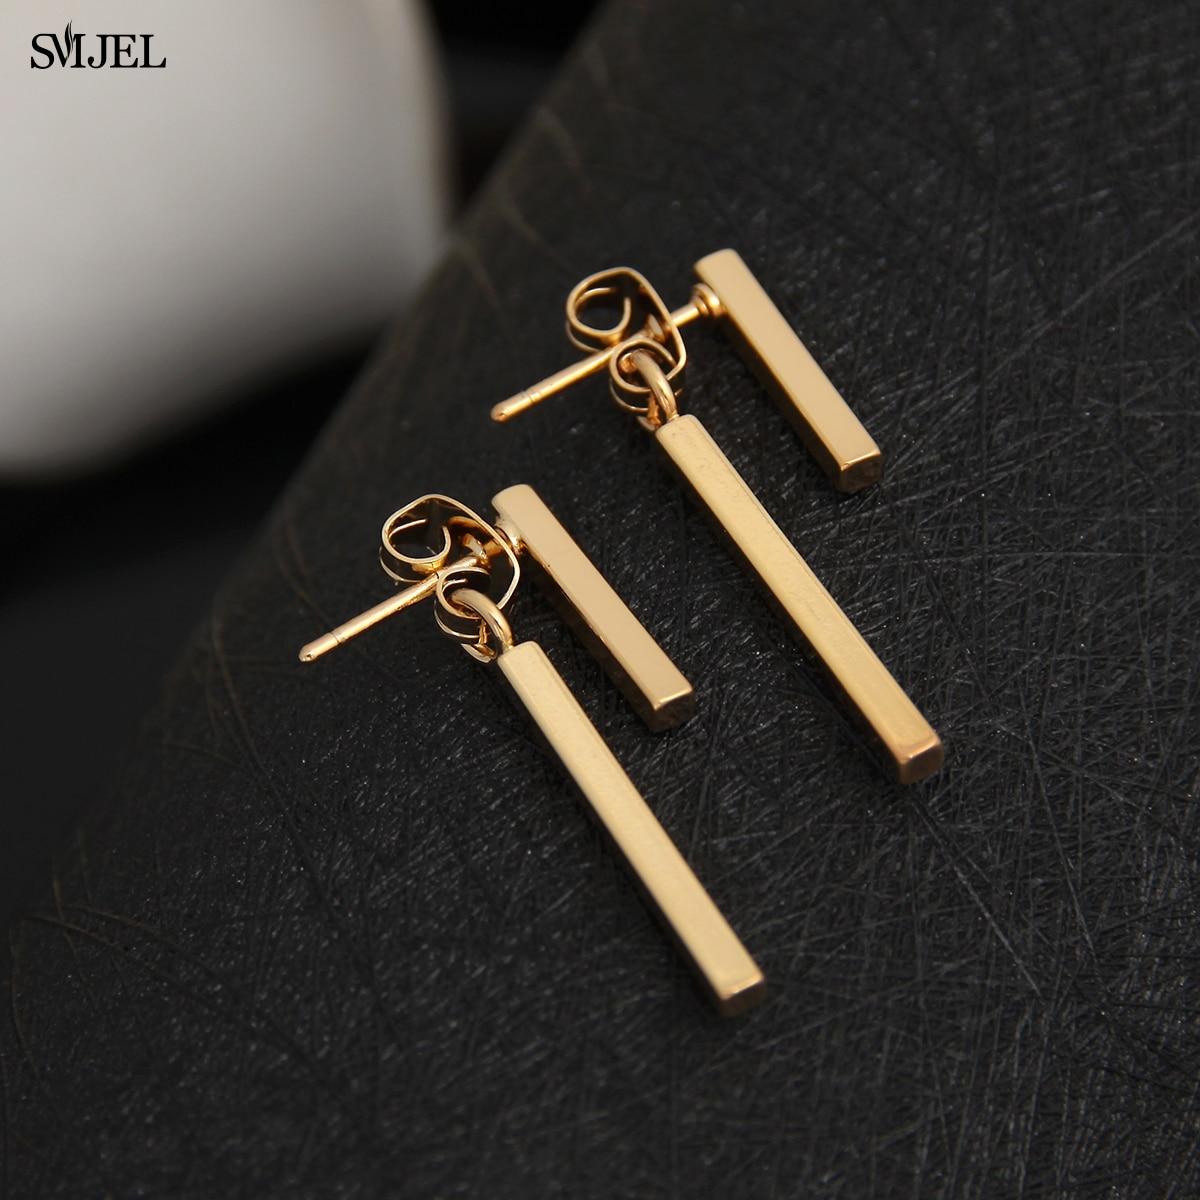 Женские серьги SMJEL, серьги-капельки T Bar с геометрическим узором, модель S140, 2017